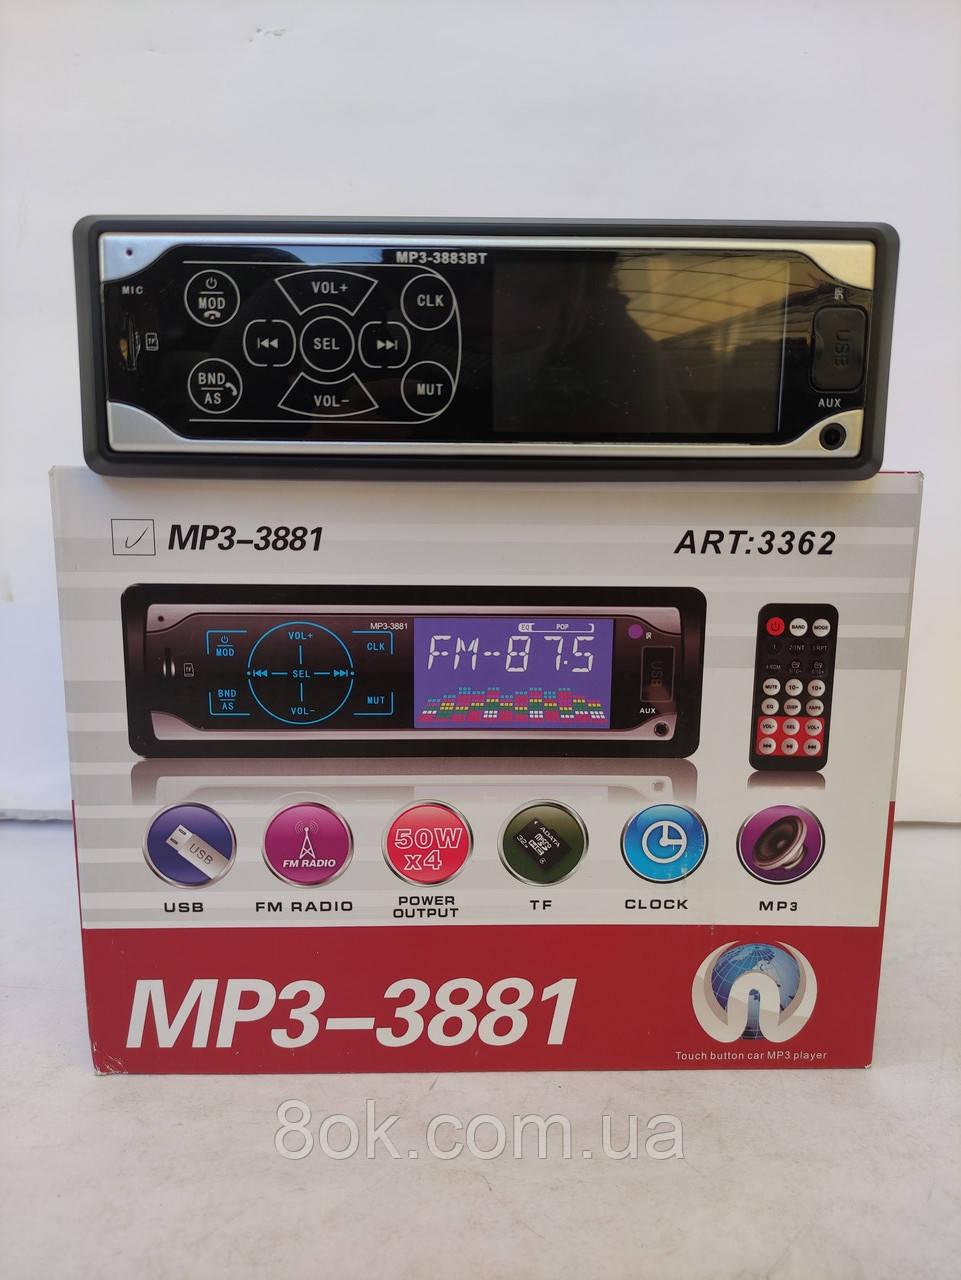 Автомагнітола з сенсорним екраном і пультом MР3-3881